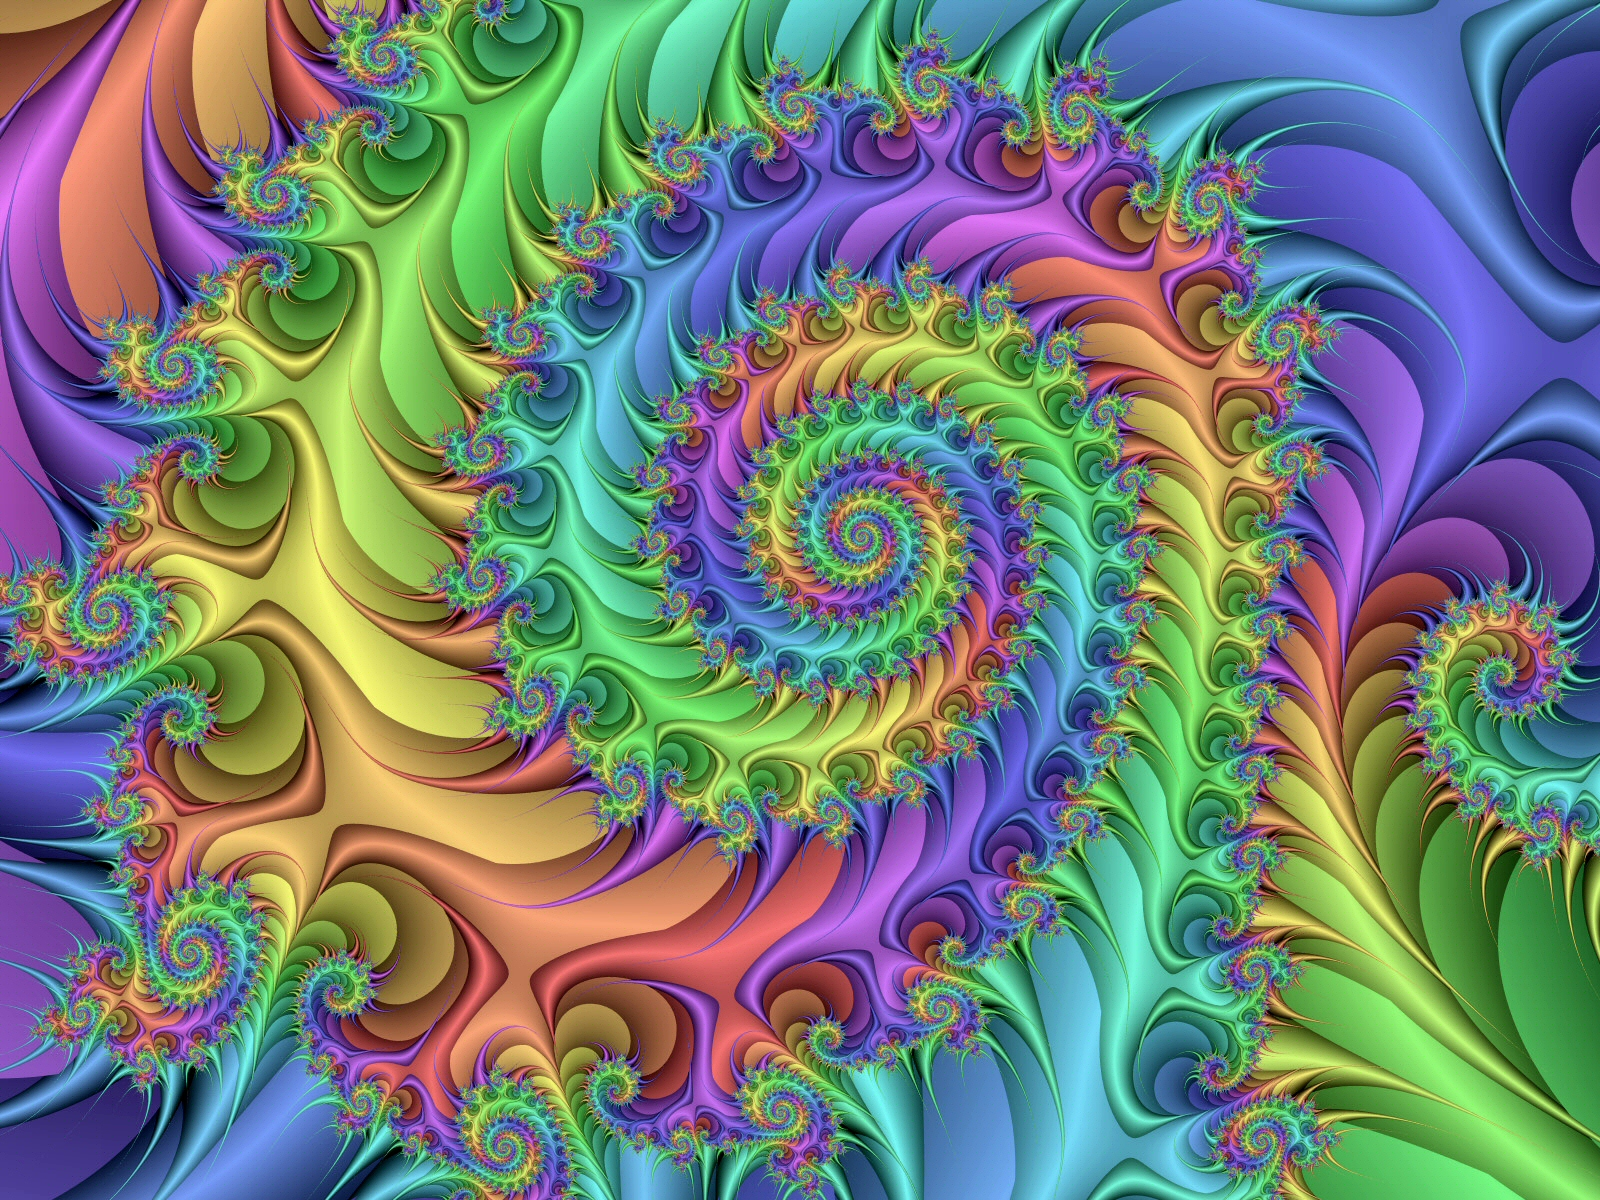 Trippy Hippie Spiral by Thelma1